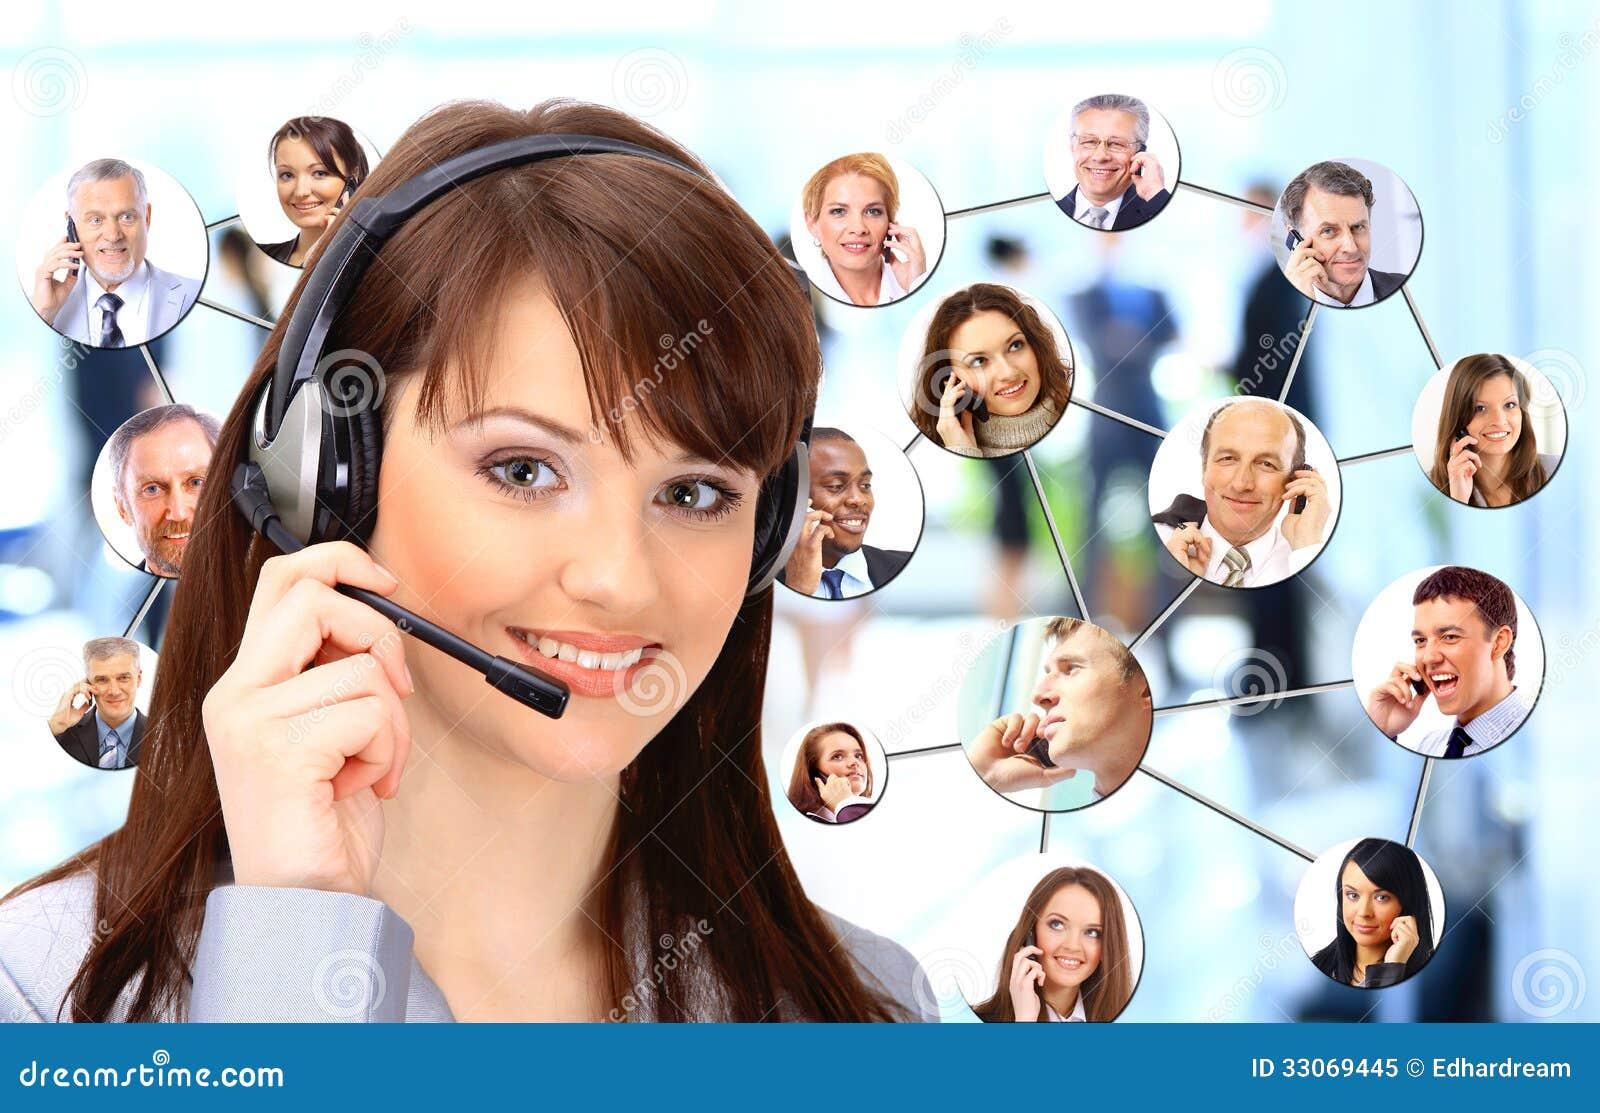 Как Заинтересовать Незнакомого Человека По Телефону